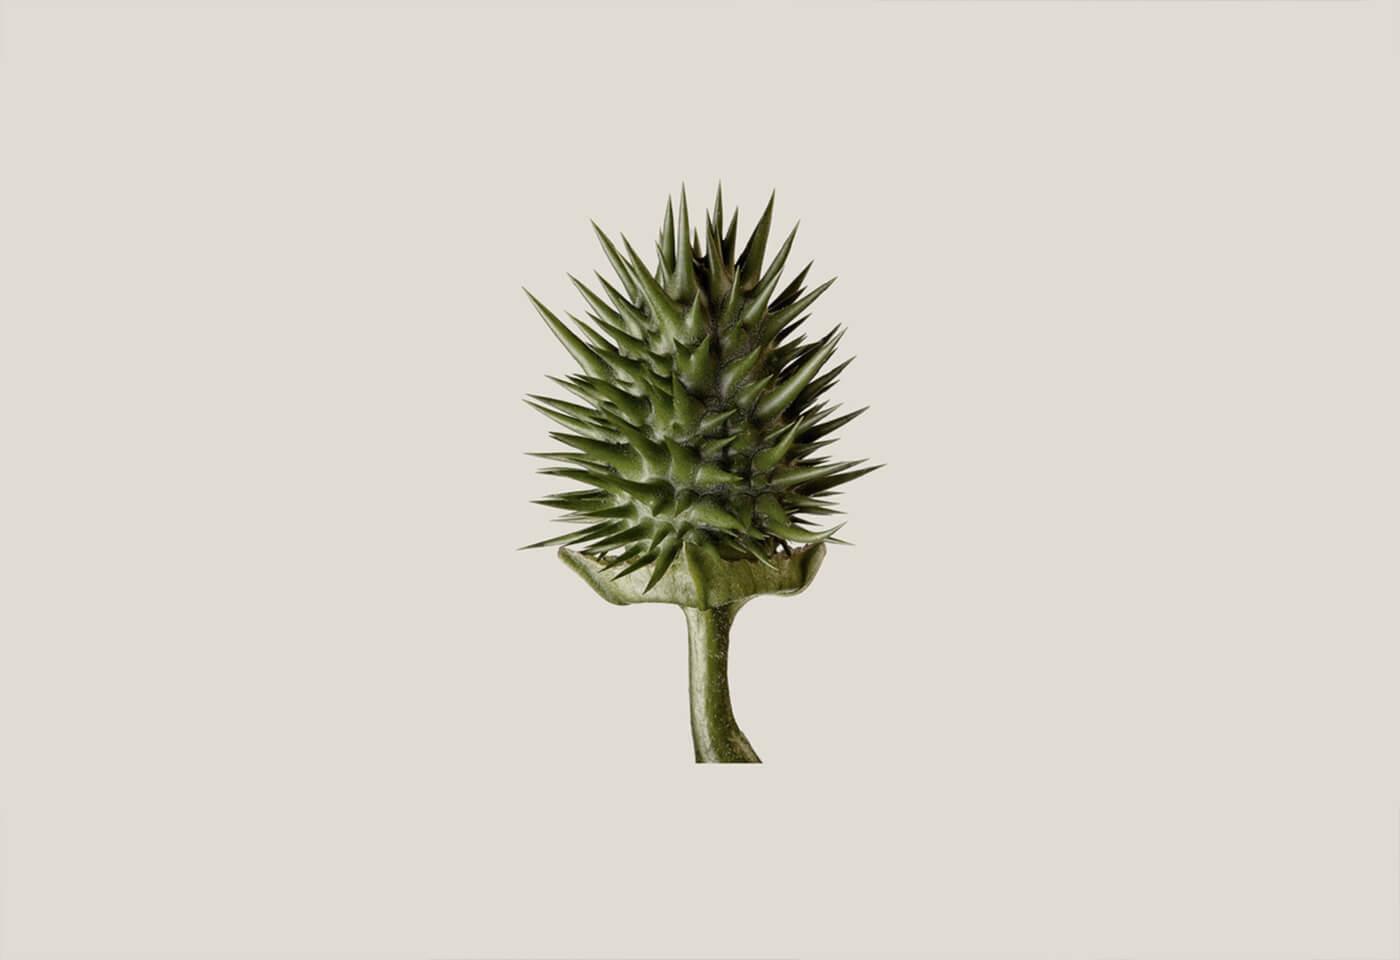 Macro image of plant